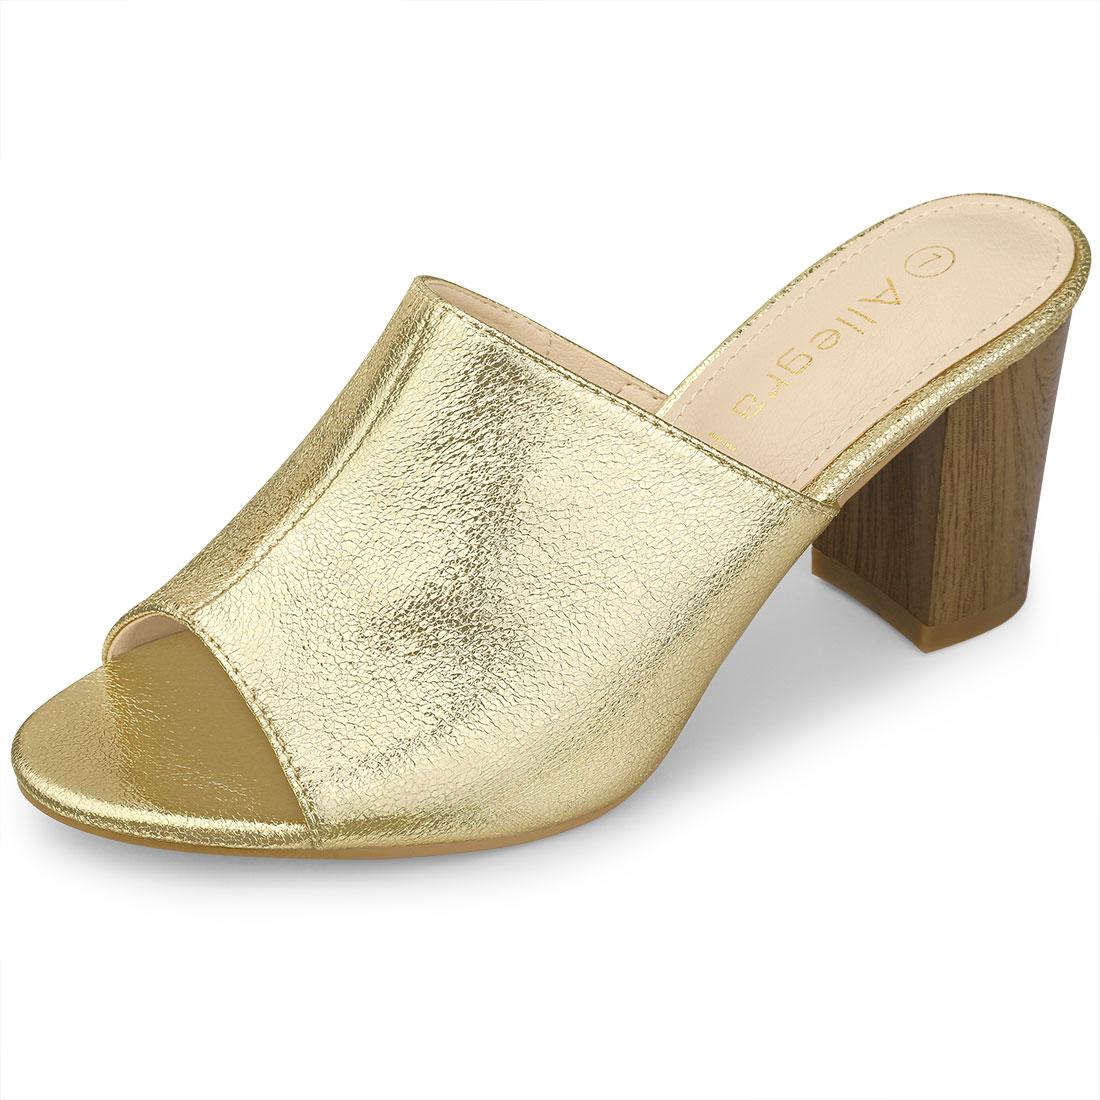 Allegra K Women's Open Toe Slide Chunky Metallic Heels Sandals Gold US 8